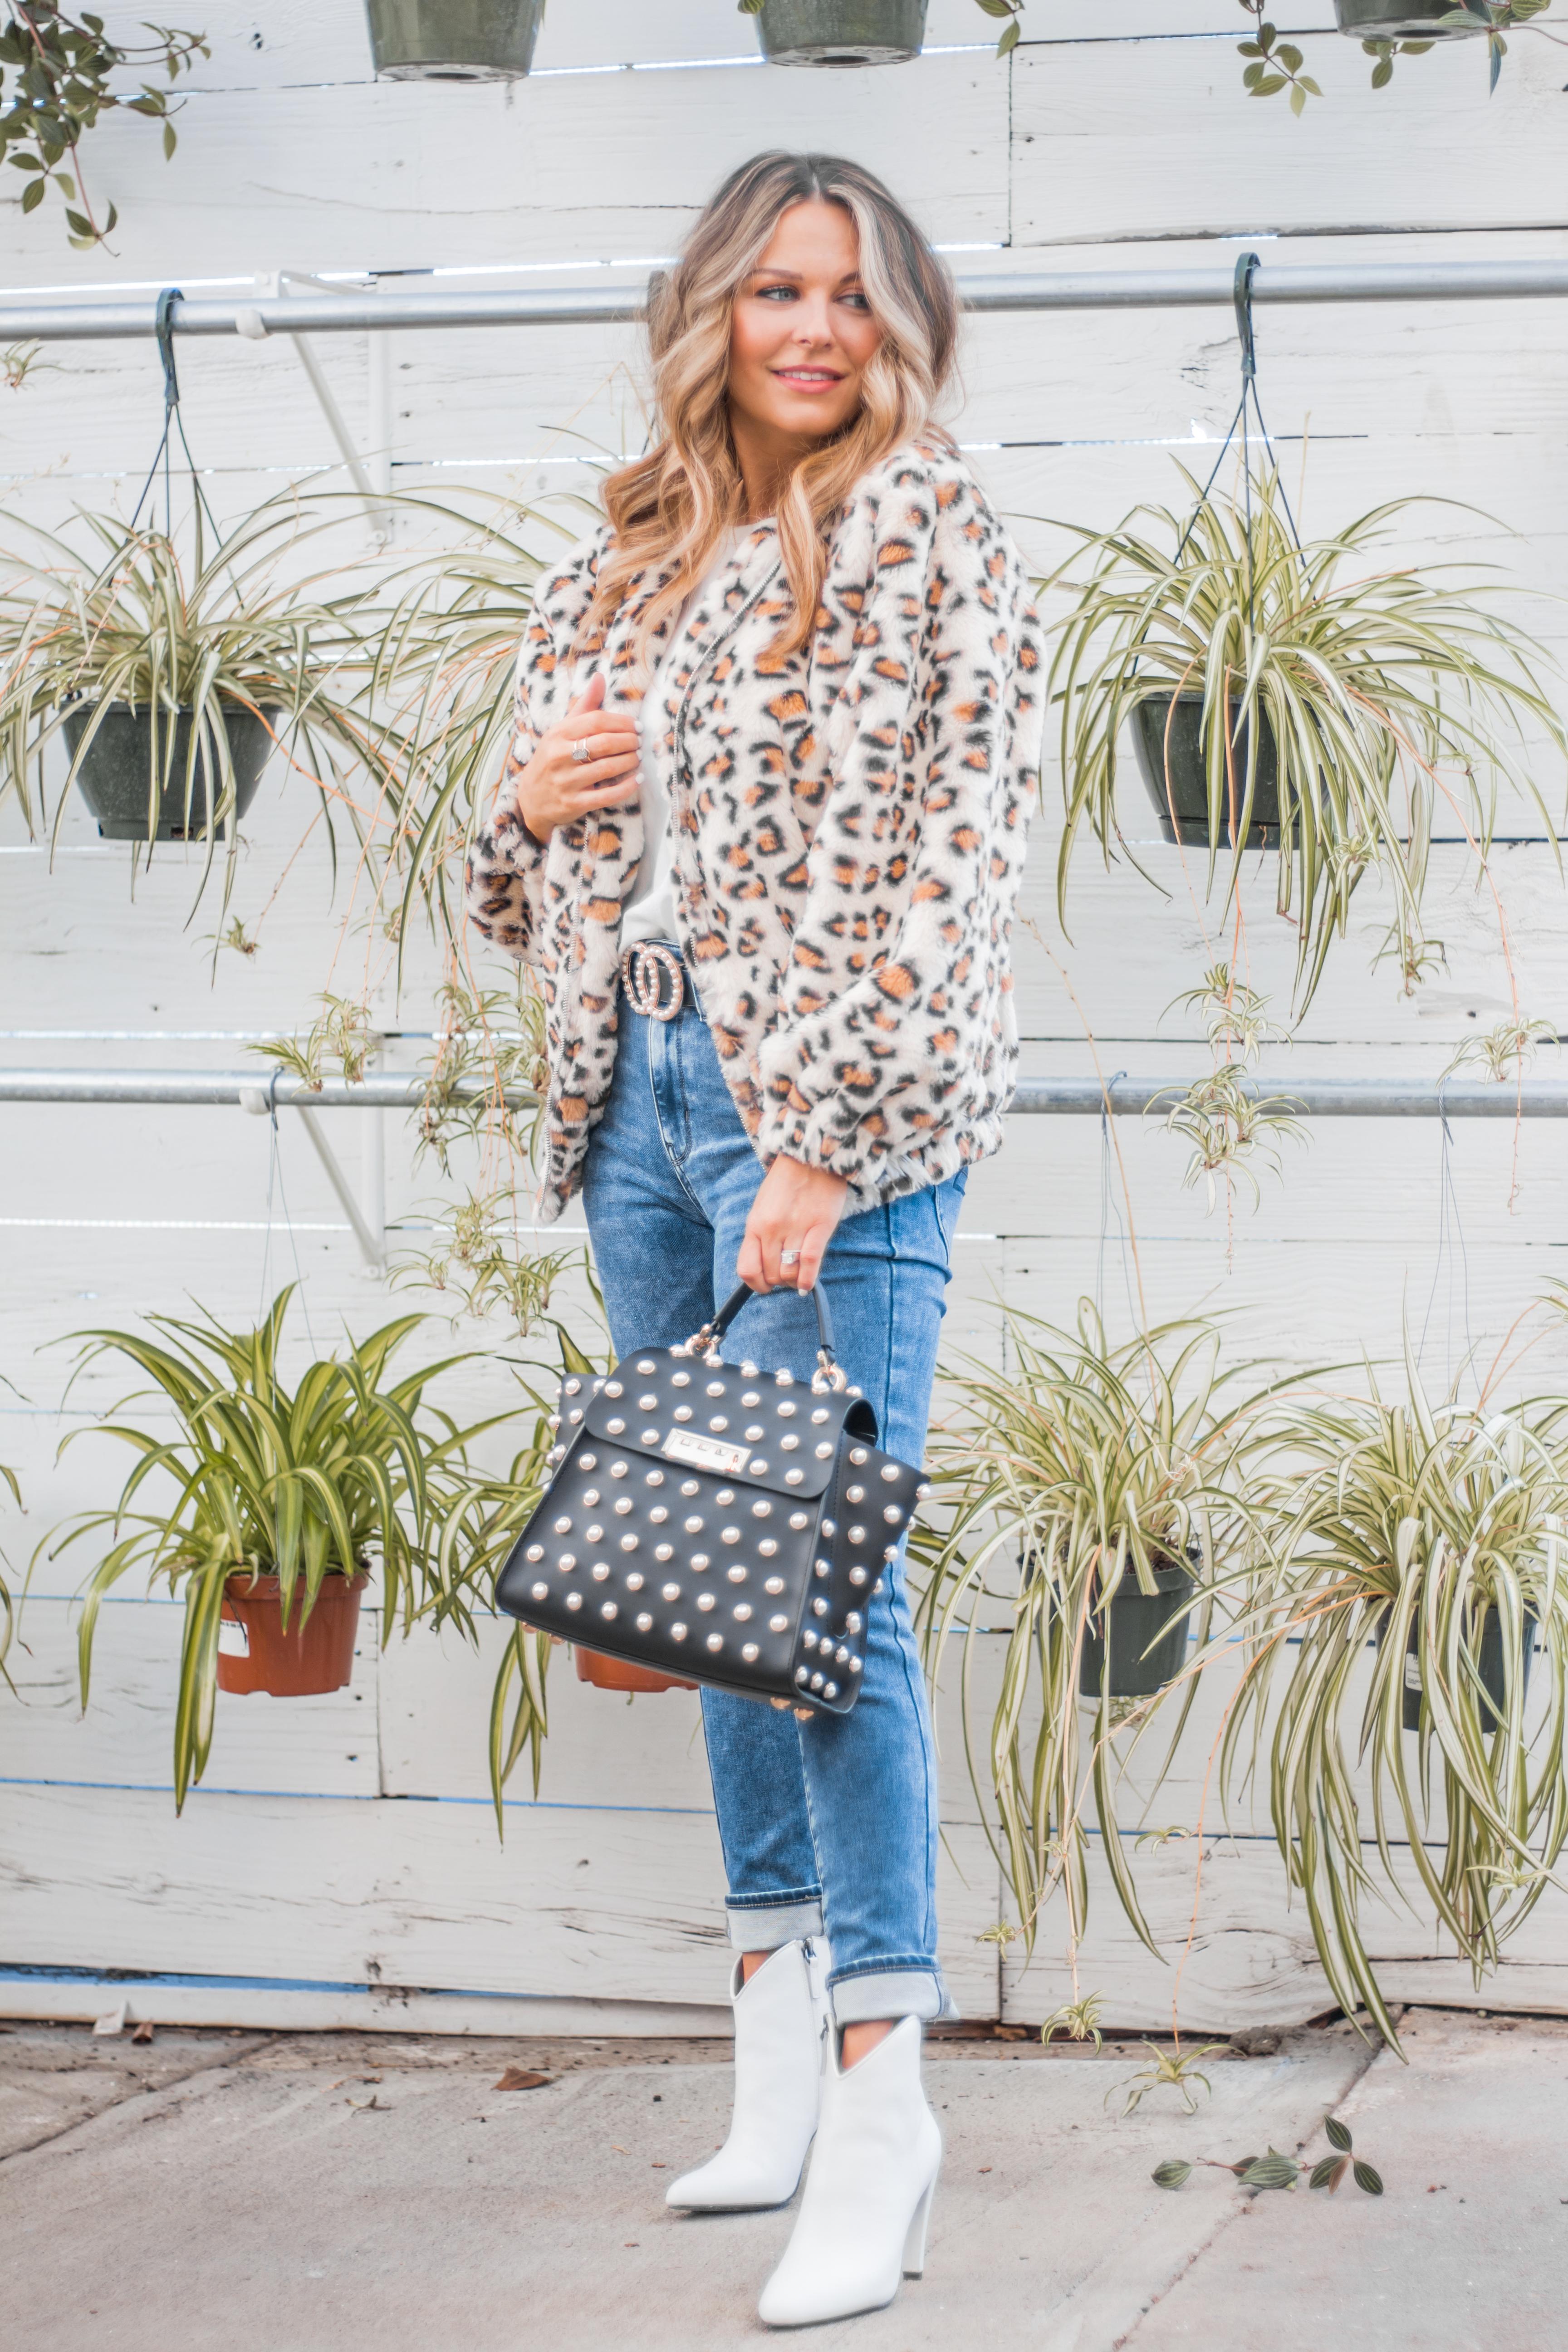 Women's Fashion - White Boots - Leopard Jacket - Spring Fashion - Winter Fashion - Zac Posen Eartha - Outfit Inspo - OOTD - 1